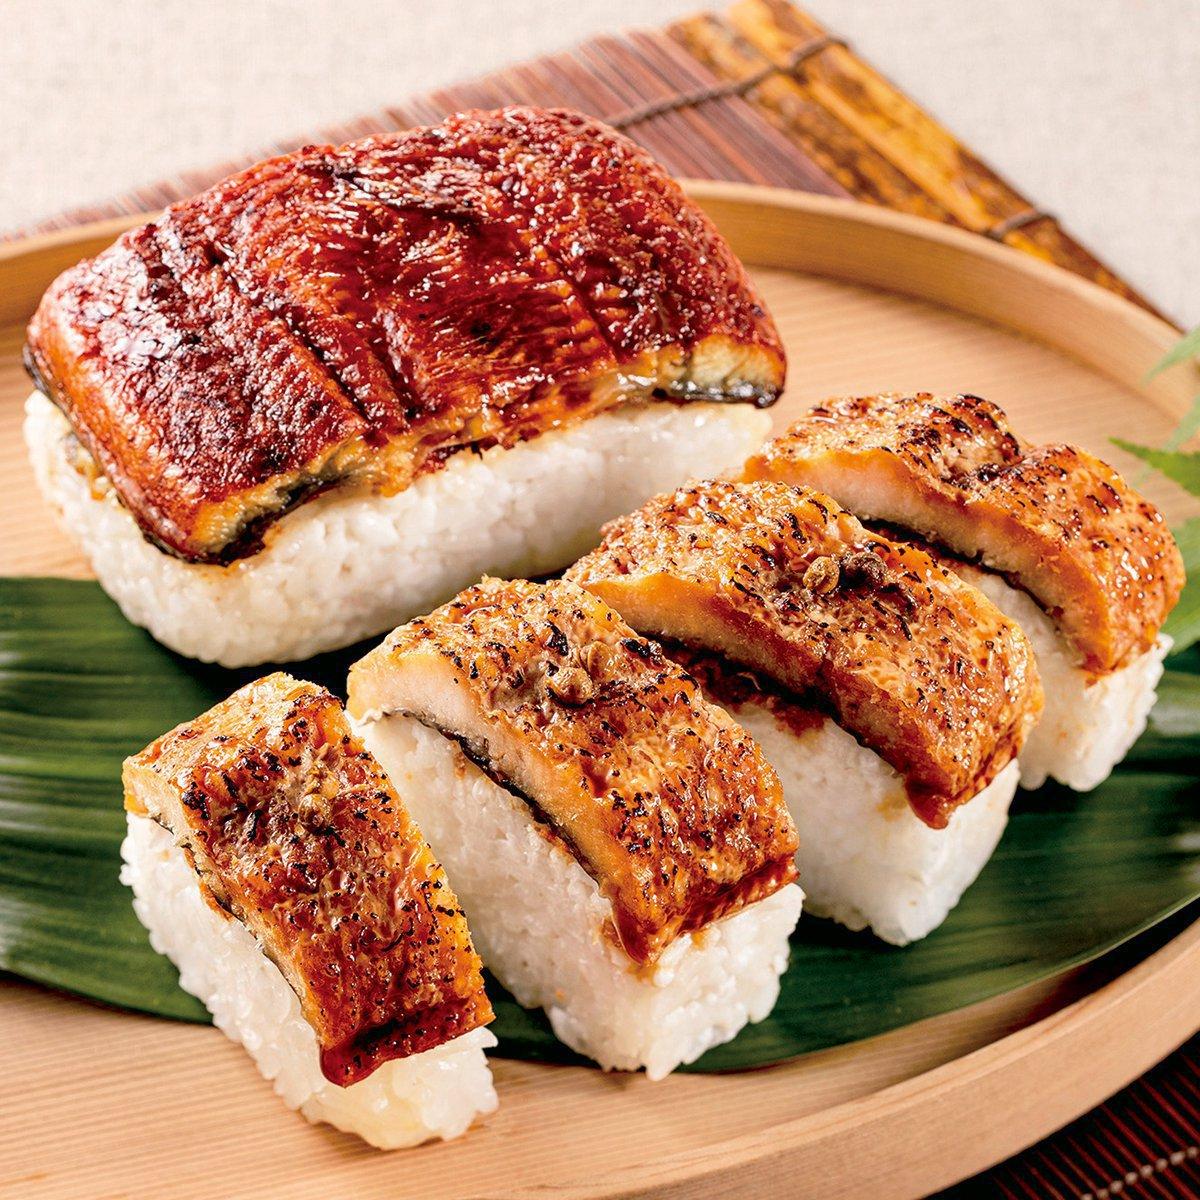 菊乃井,鰻と鱧の棒寿司